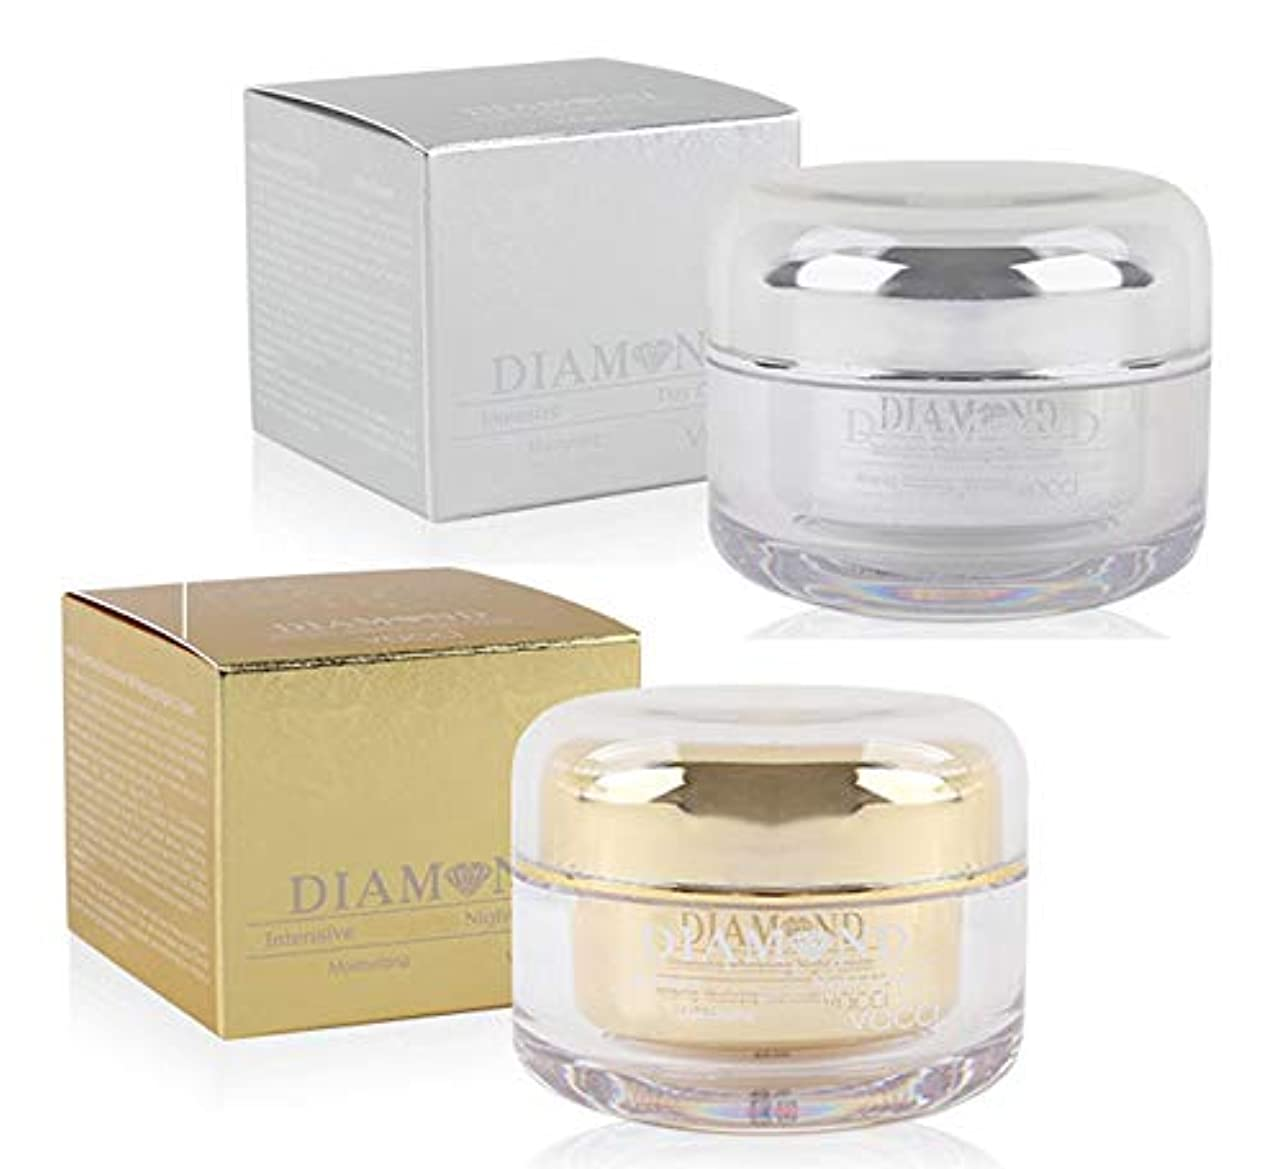 フライカイト幅つづり[vacci] ダイヤモンドインテンシブホワイトニングデイクリーム50ml&ナイトクリーム50ml / Diamond Intensive Whitening Day Cream 50ml & Night Cream 50ml...